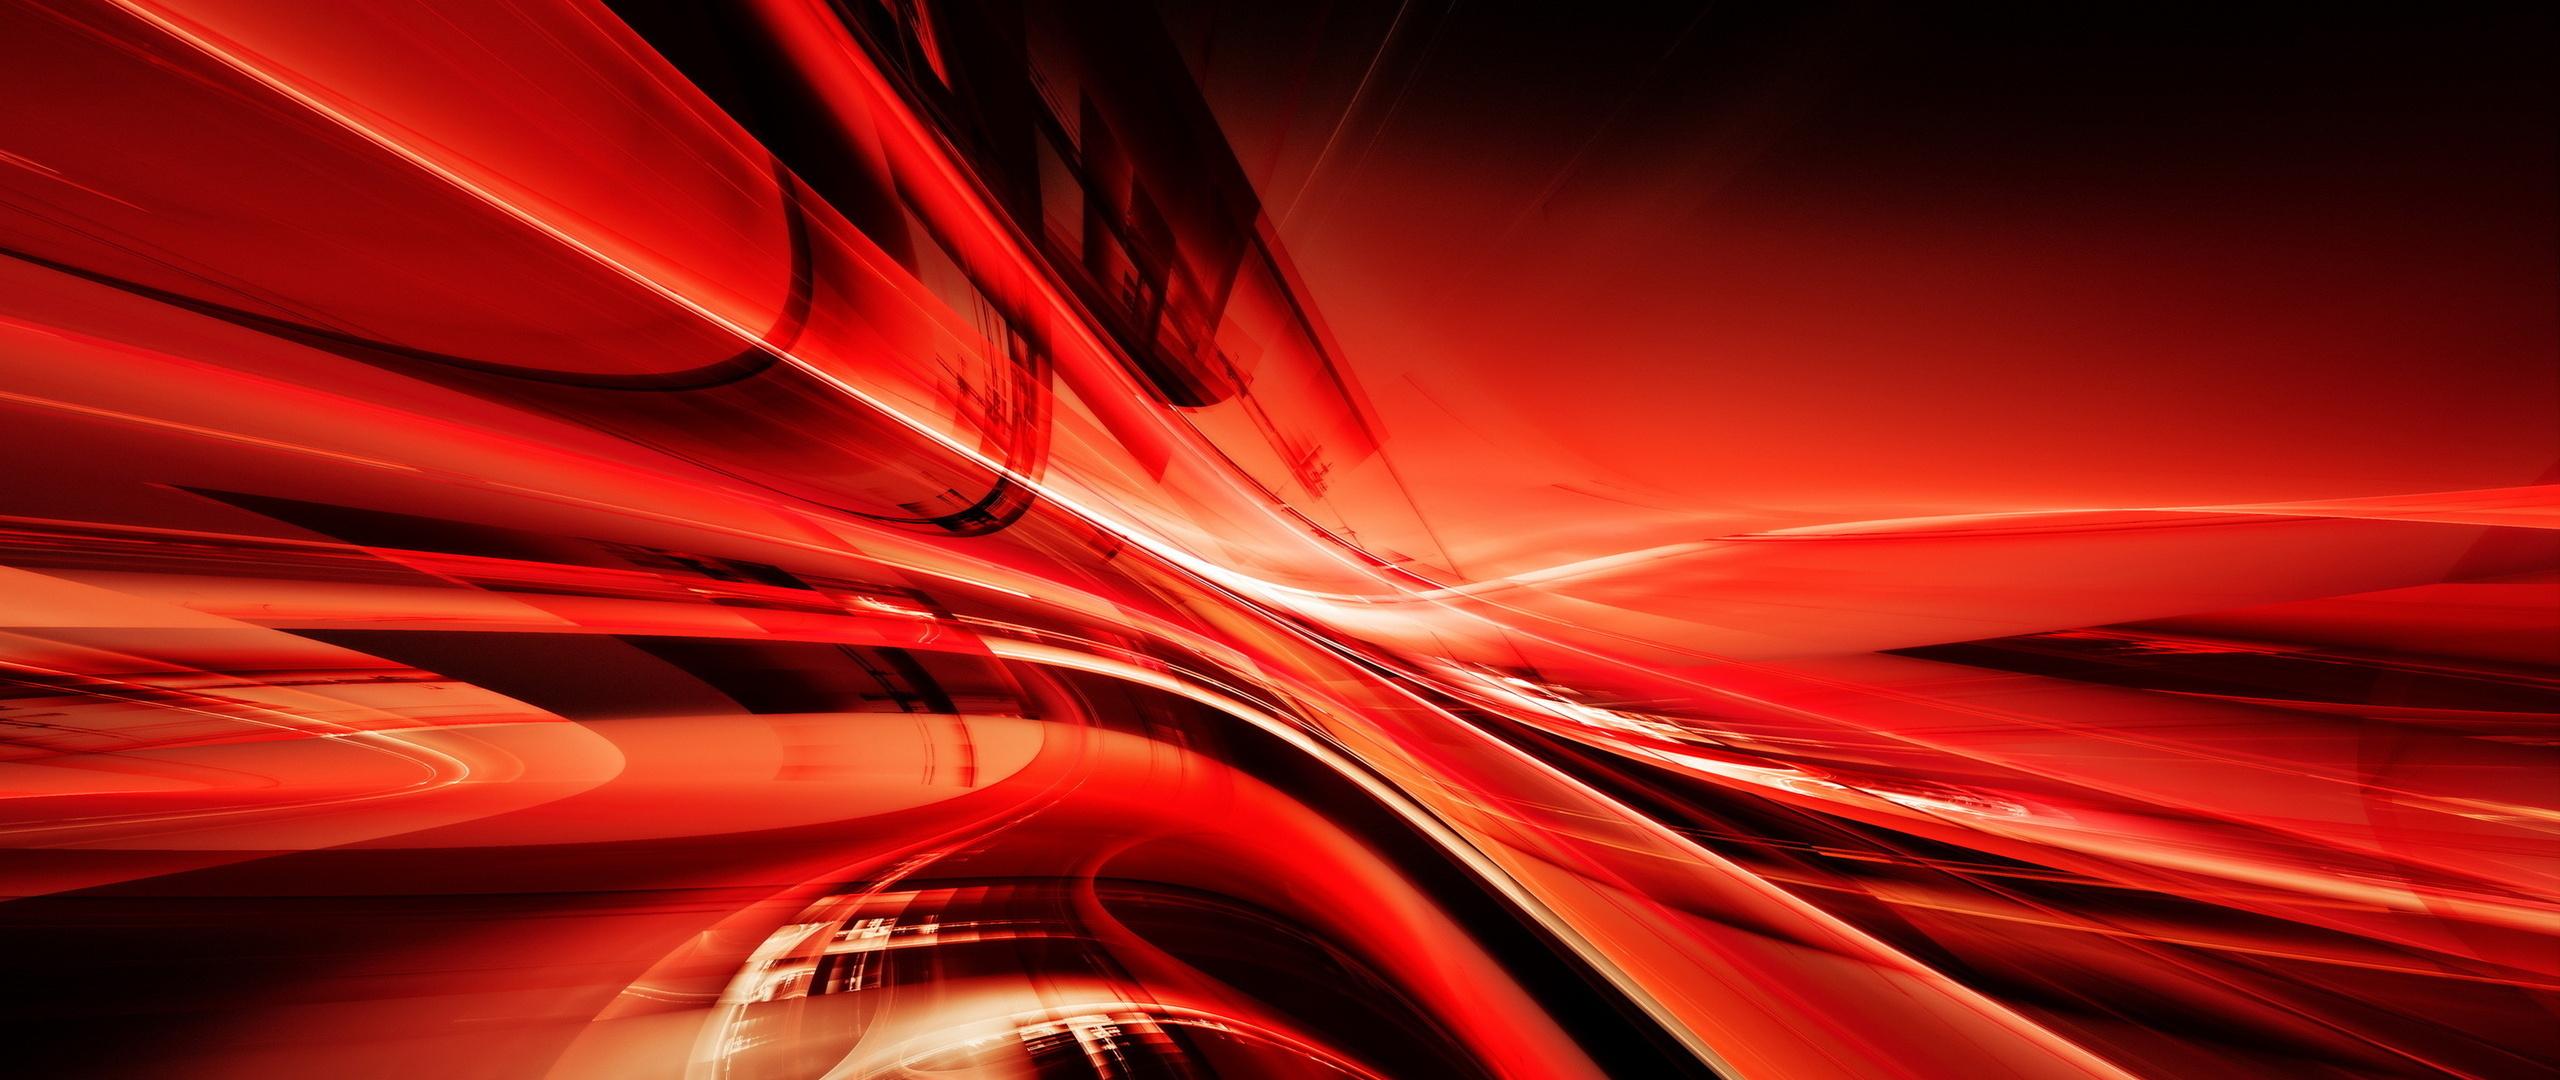 abstract-3d-wallpaper.jpg